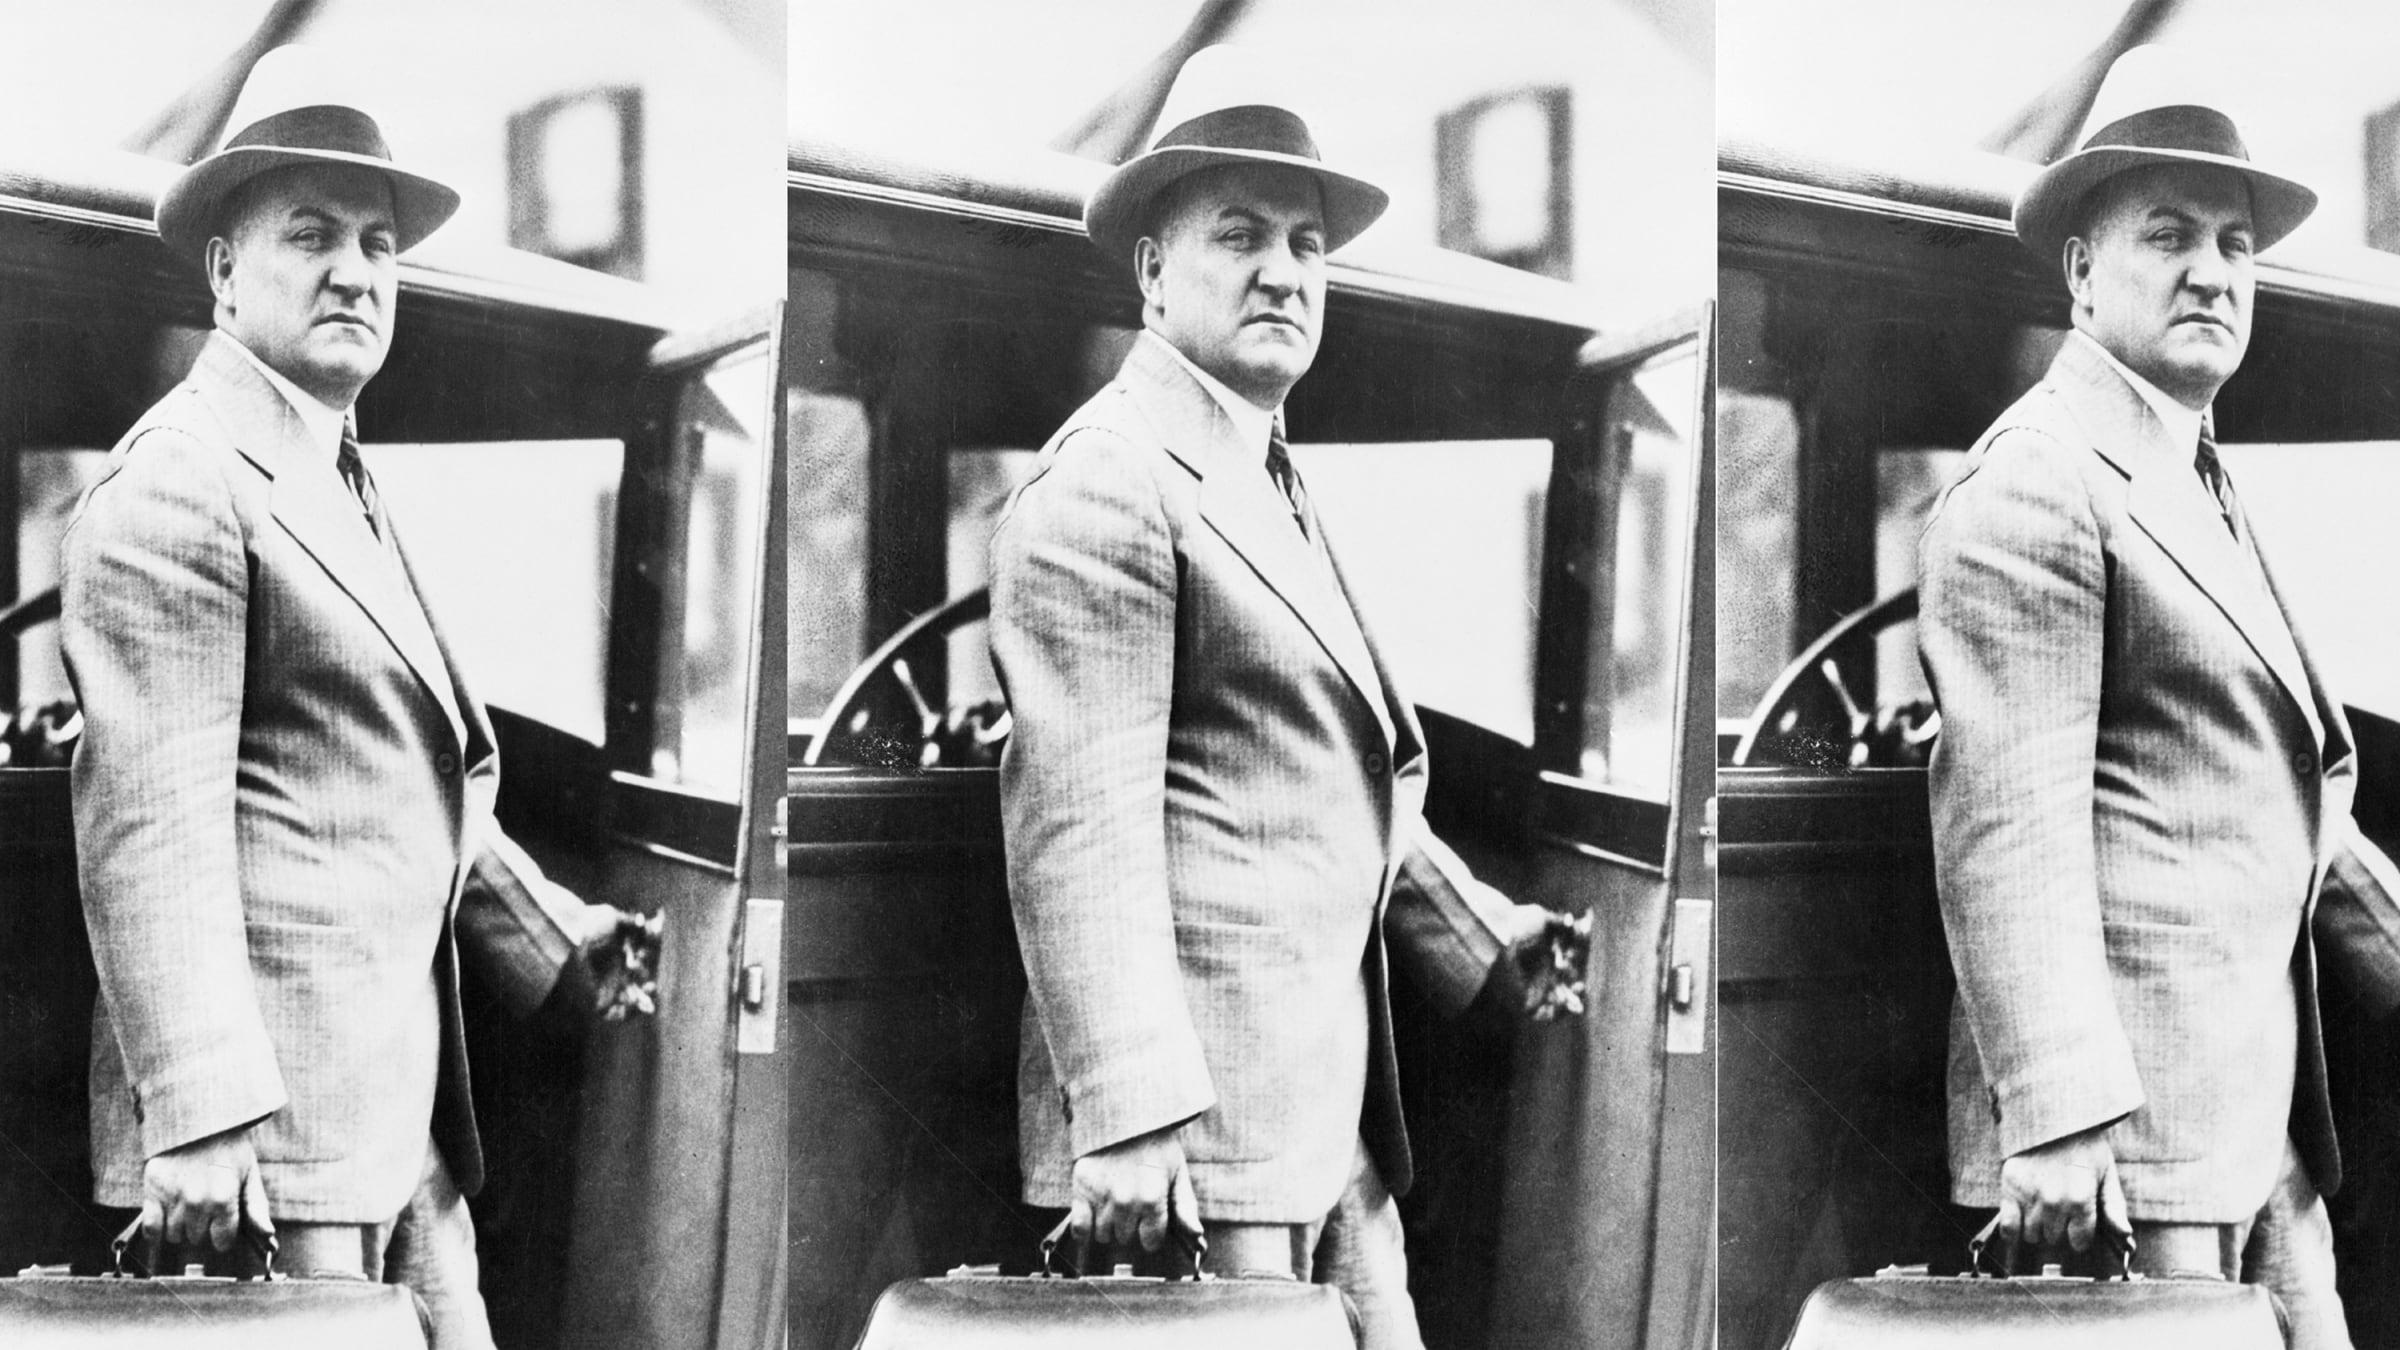 190802-Rothbaum-george-remus-tease_r1fskz